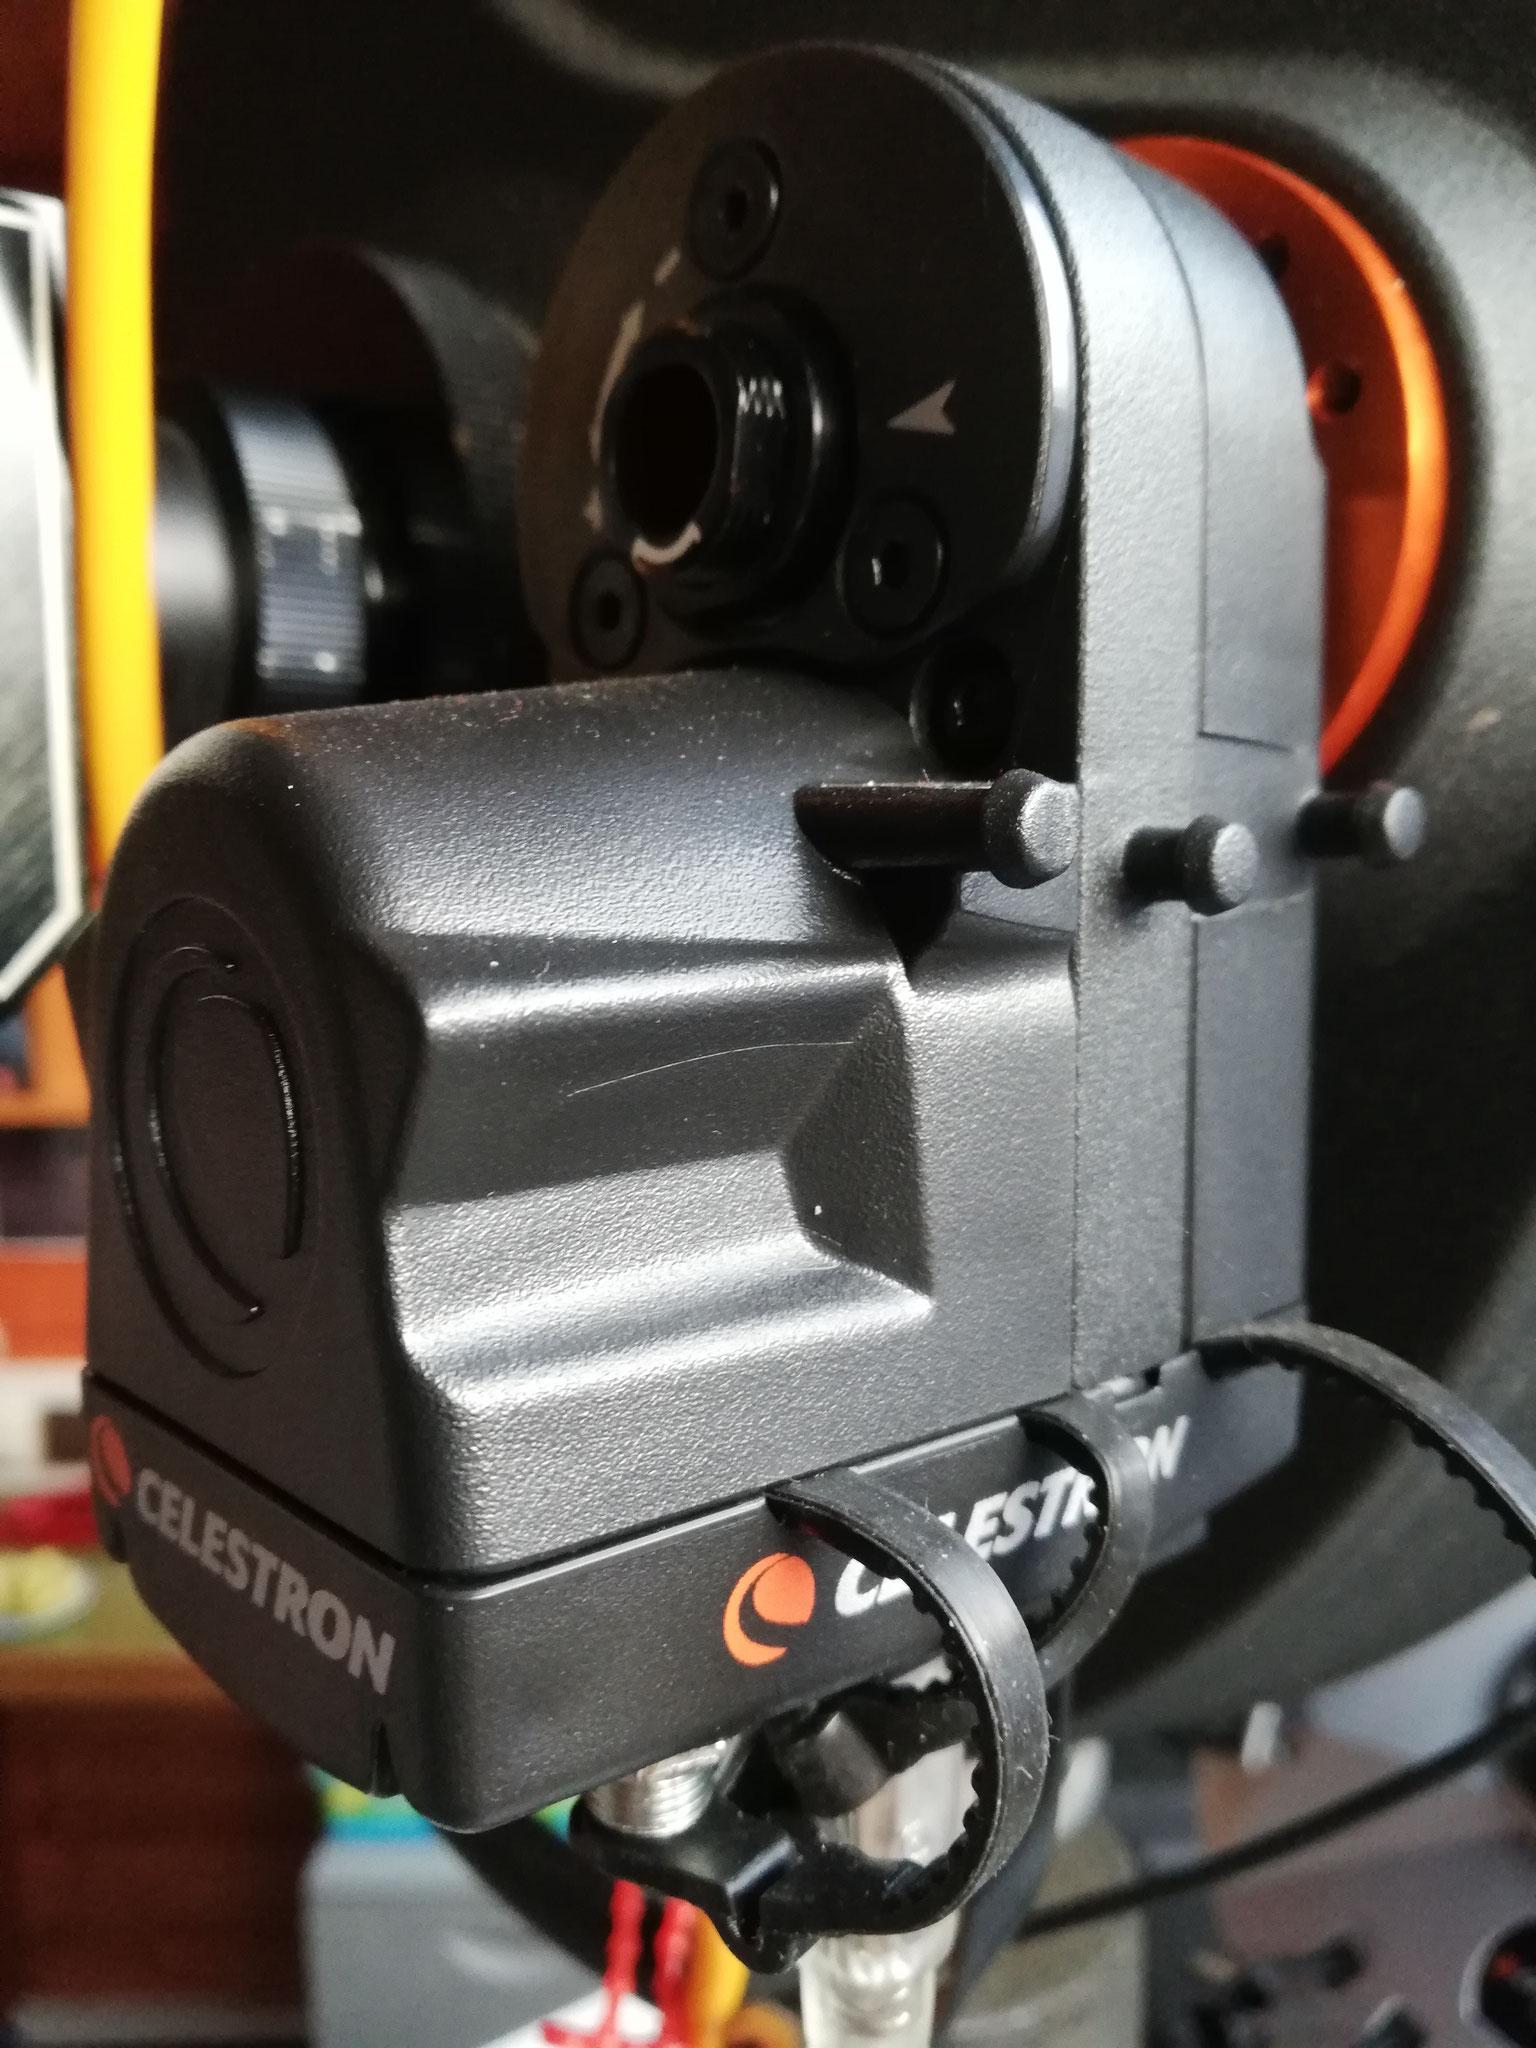 Unser Motorfocus von Celestron - das Teil funktioniert